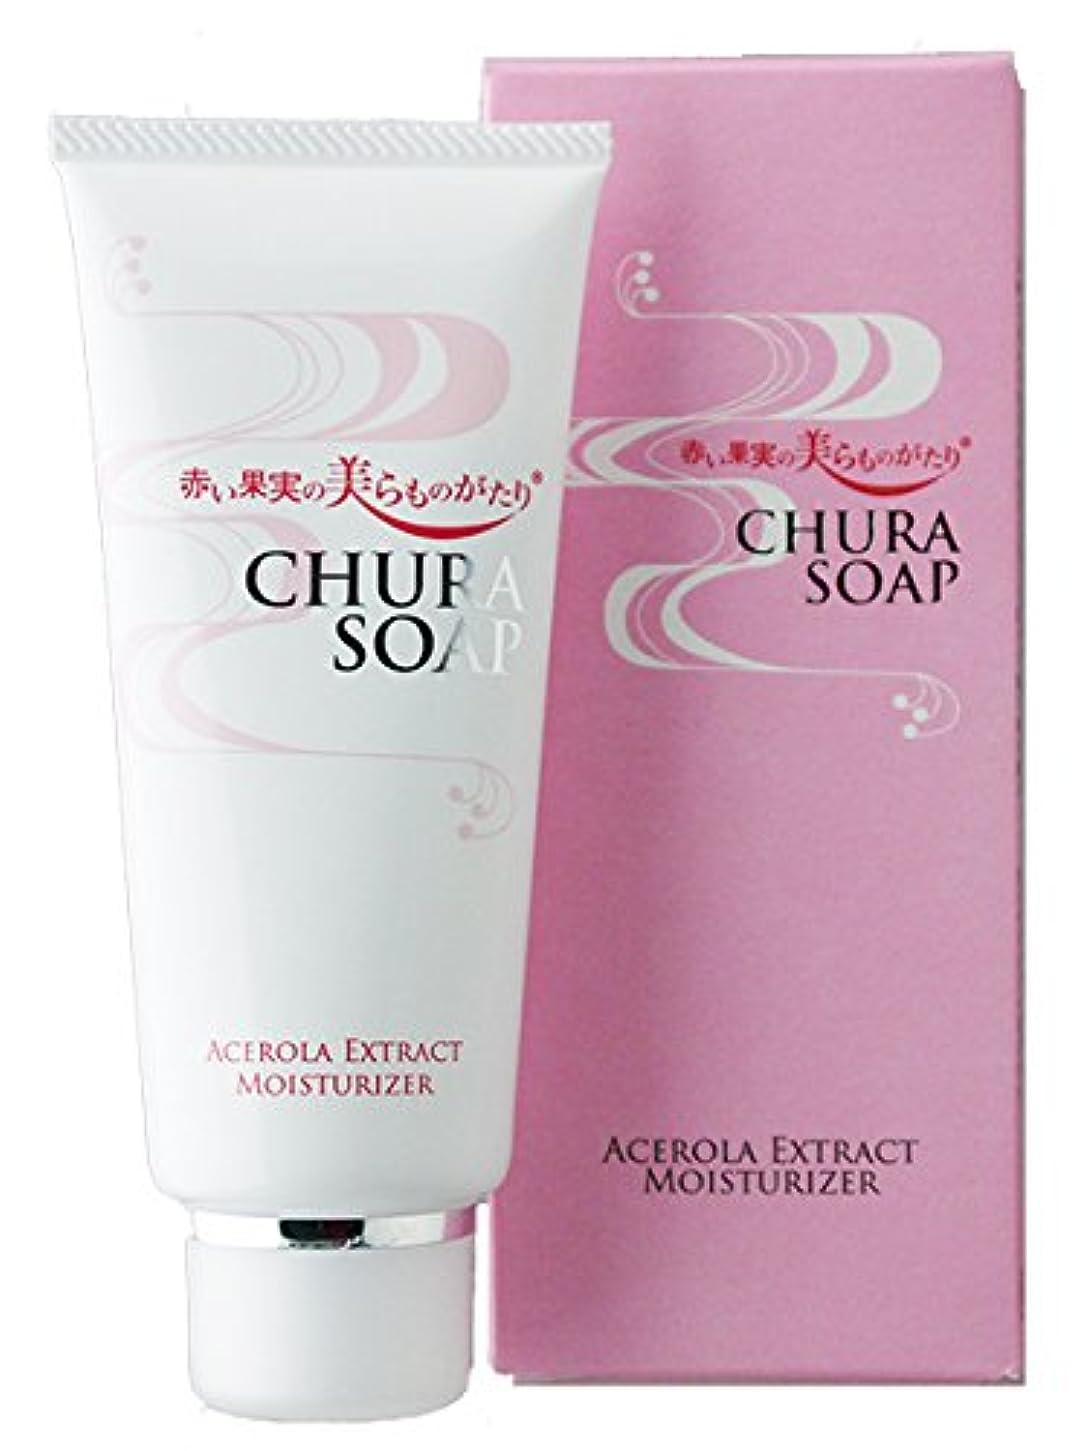 間接的コンサルタント和解する赤い果実の美らものがたり CHURA SOAP 100g×12個 やんばる彩葉 沖縄生まれのアセロラ自然派化粧品